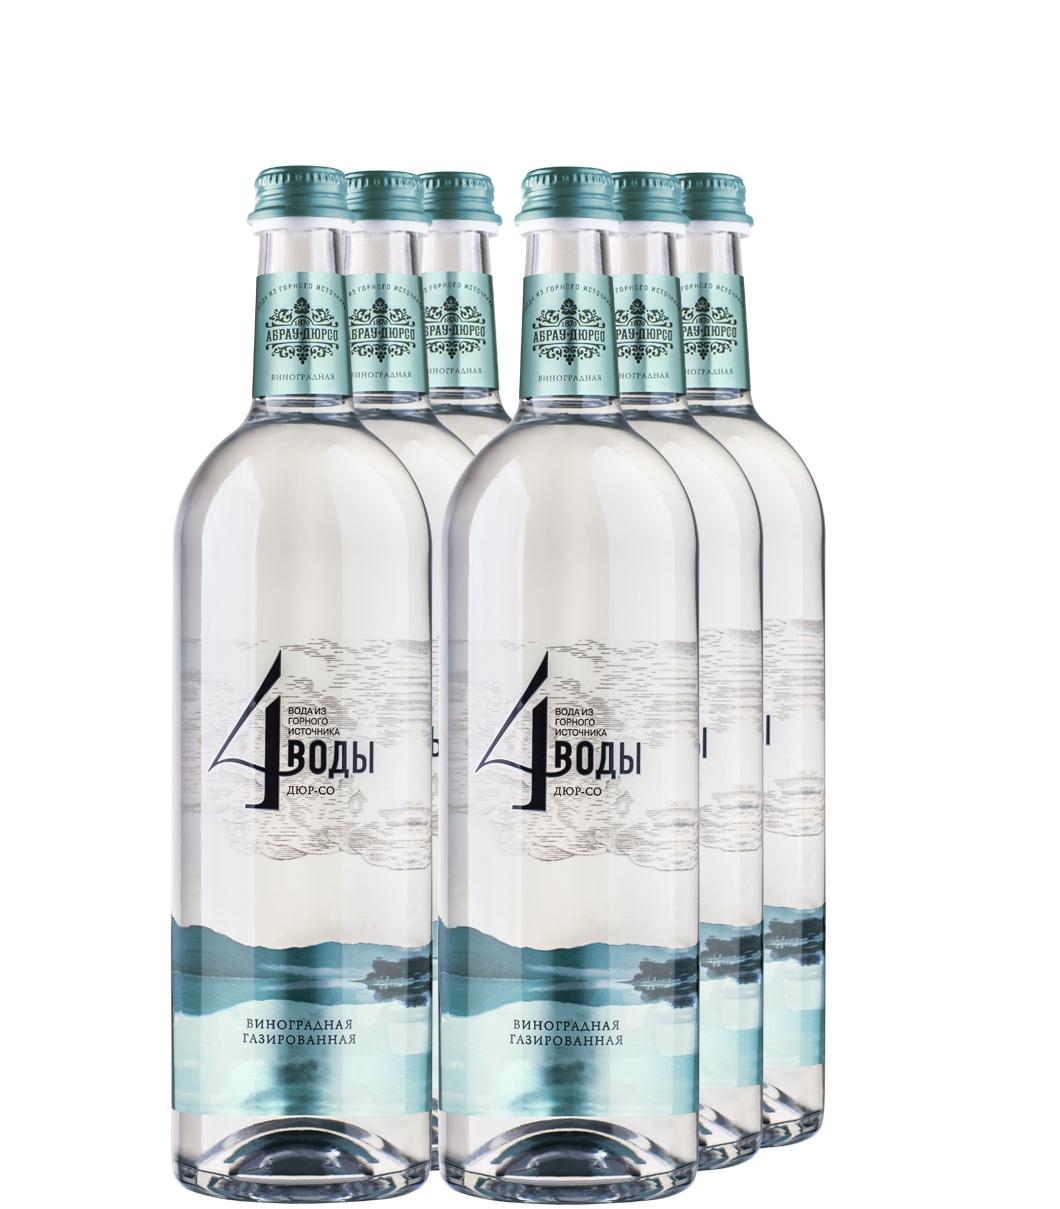 Газированный напиток Абрау-Дюрсо 8301001, Виноград, 0,75